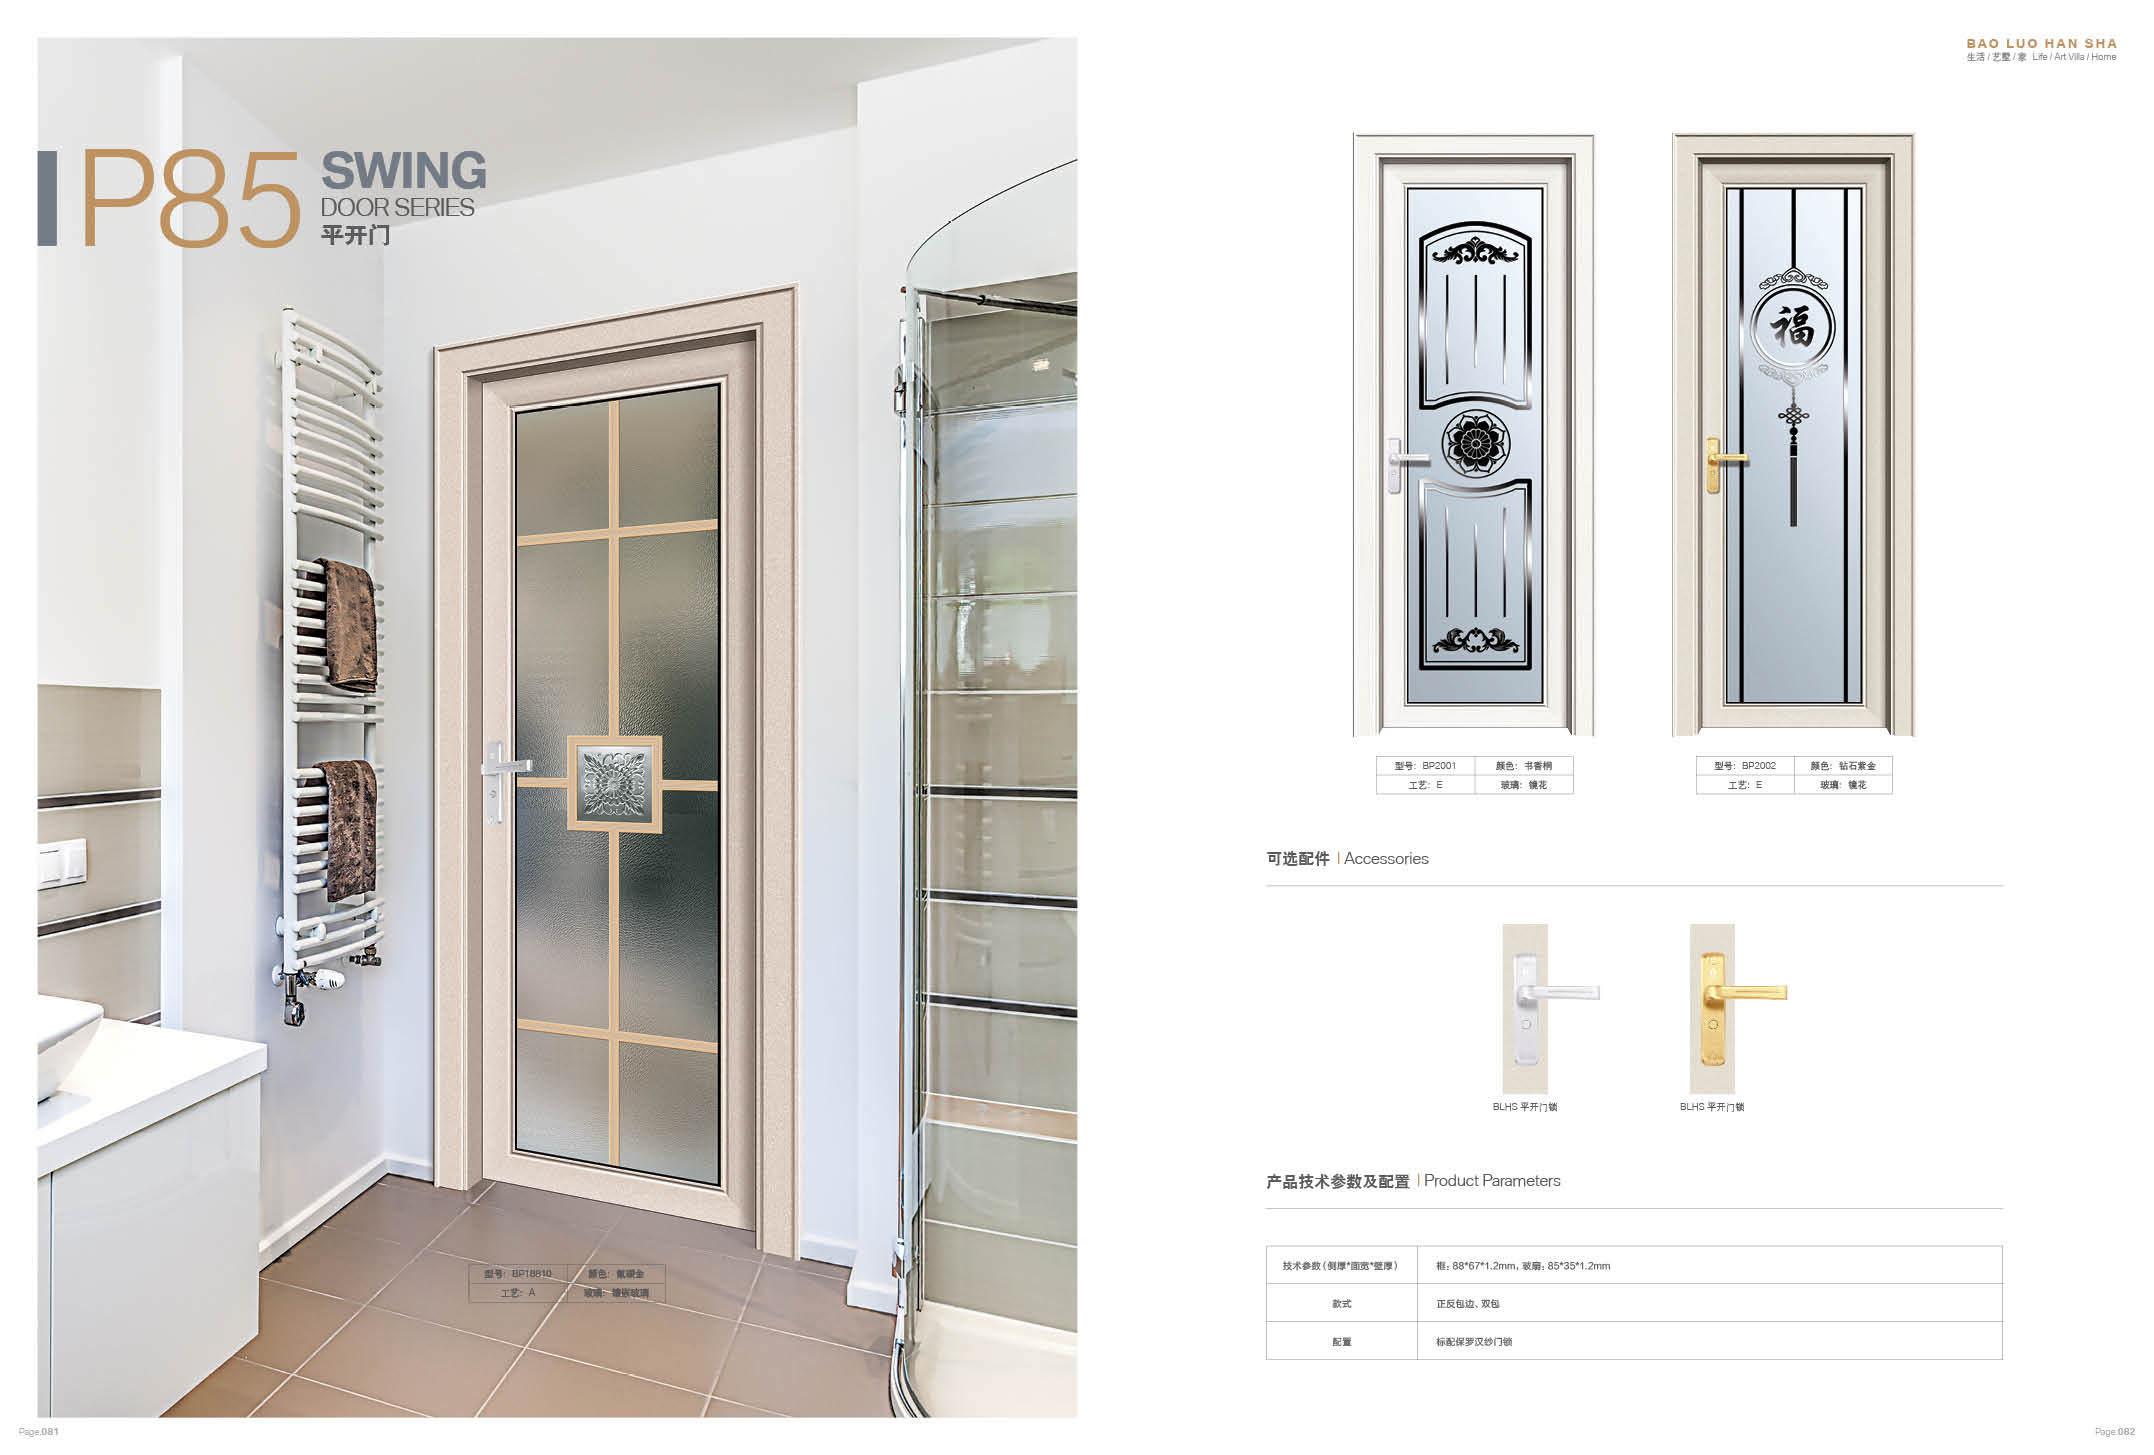 China Modern Interior Doors Aluminum Casement Bathroom Kitchen Door With High Class For Building Project Interior Decoration China Washroom Door Kitchen Door